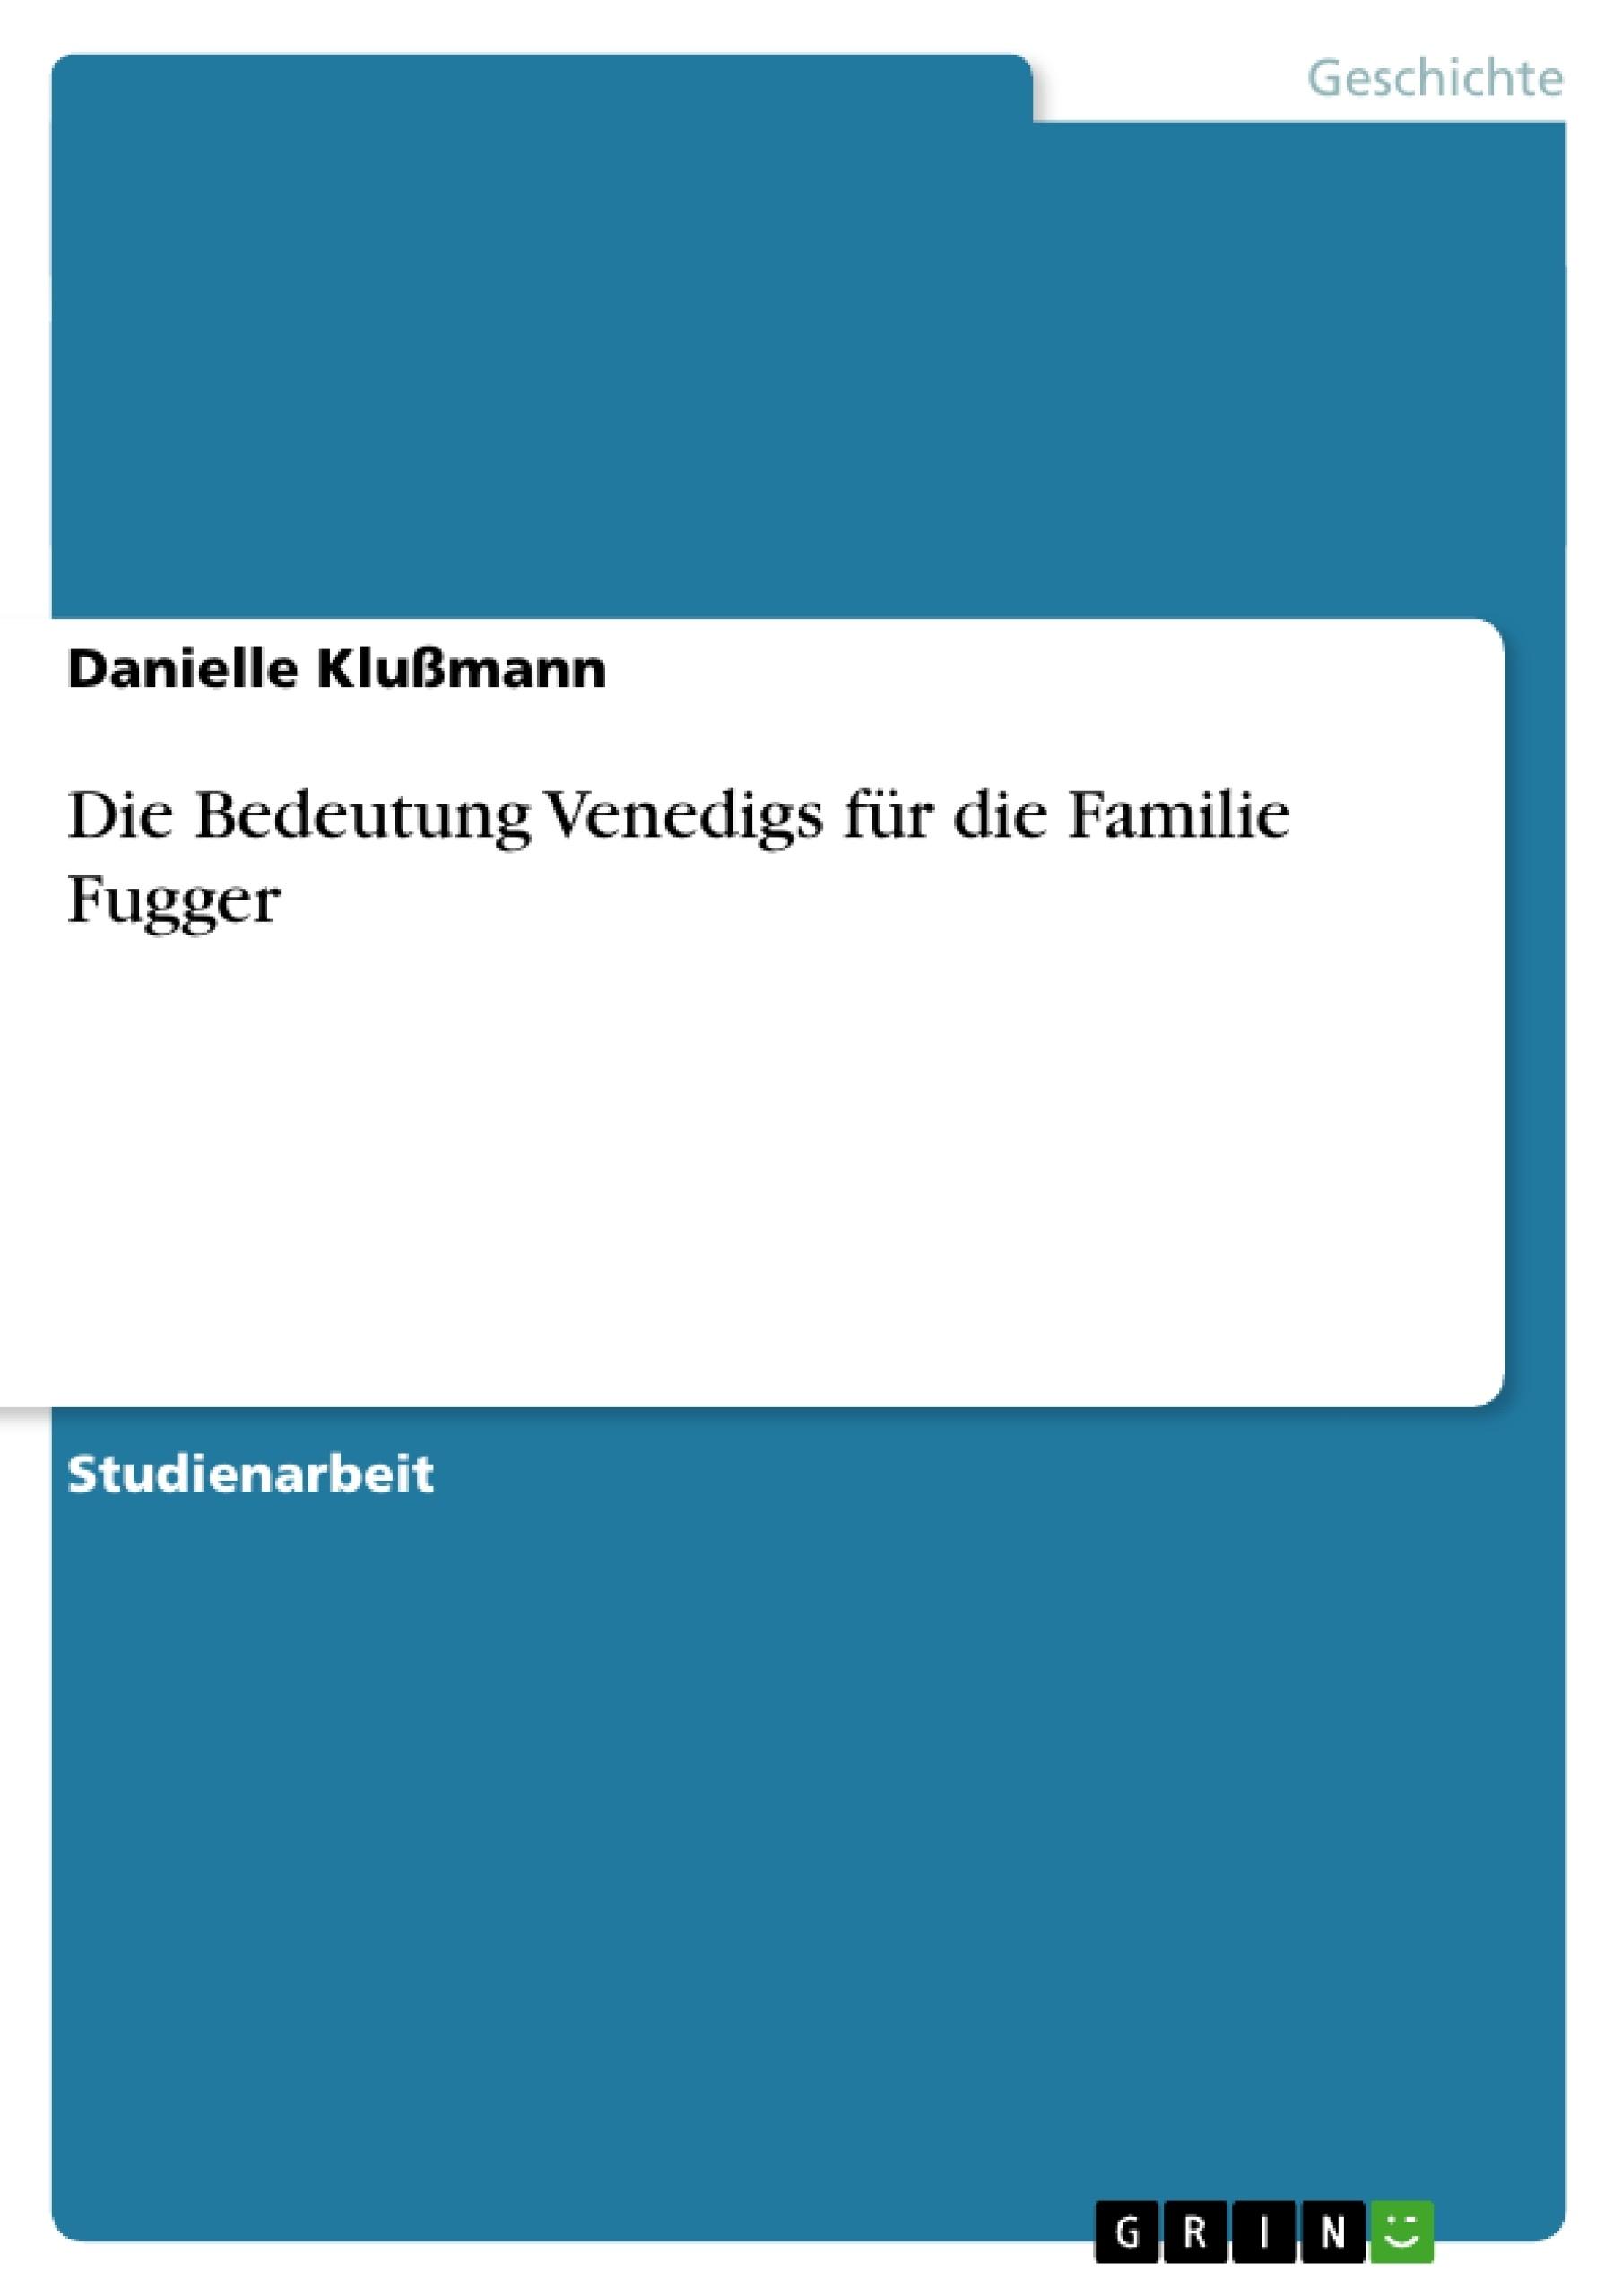 Titel: Die Bedeutung Venedigs für die Familie Fugger